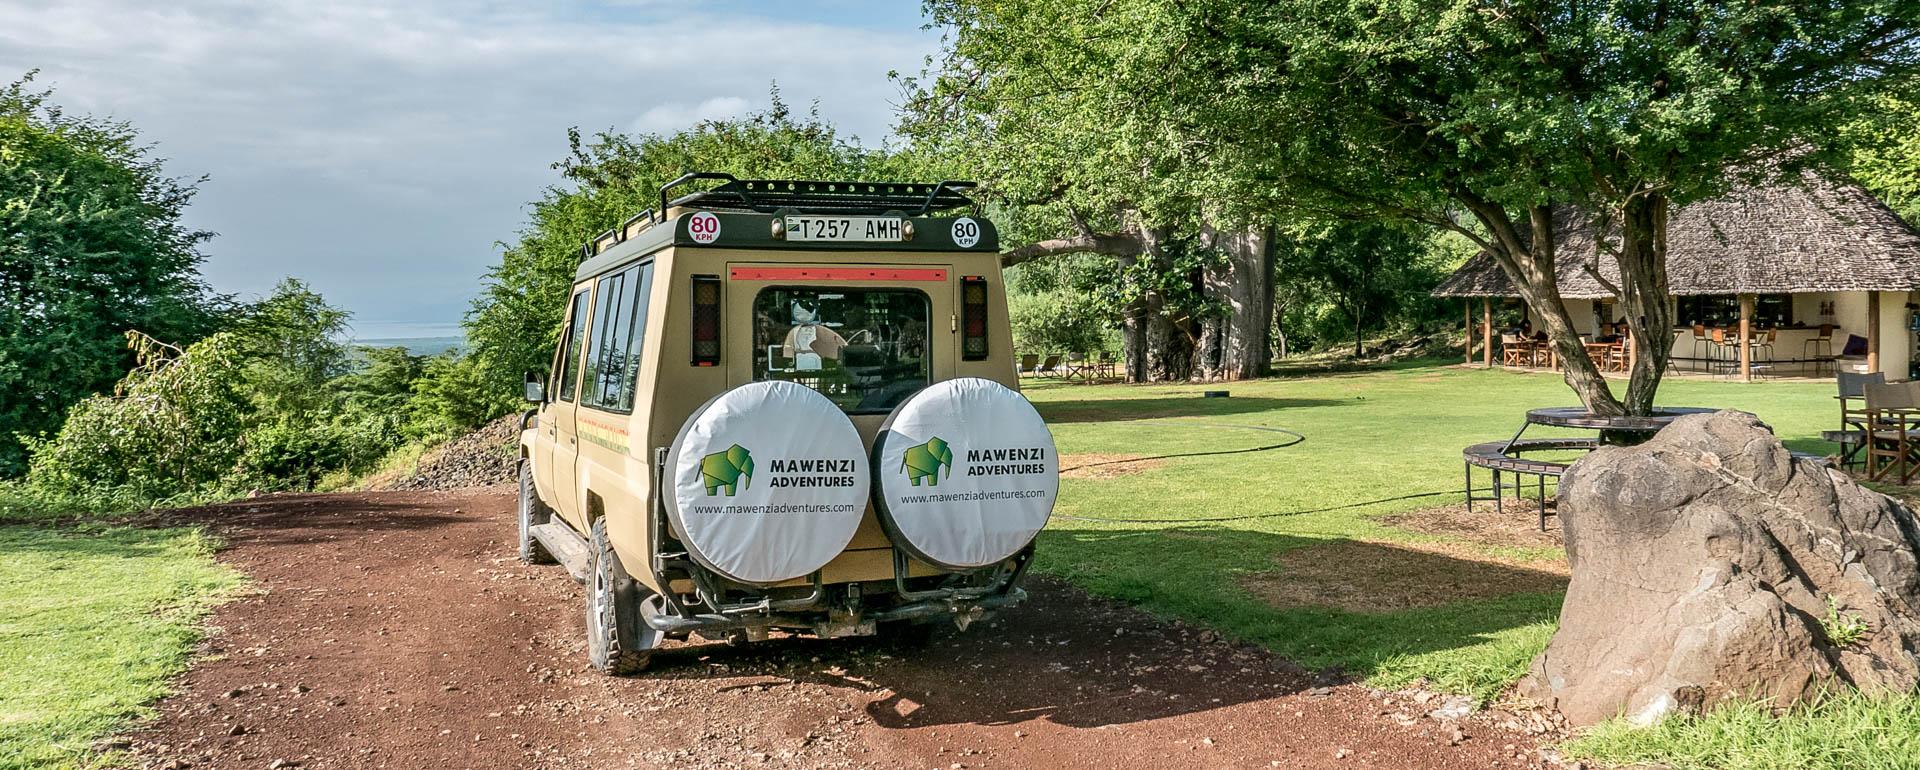 Mawenzi Adventures